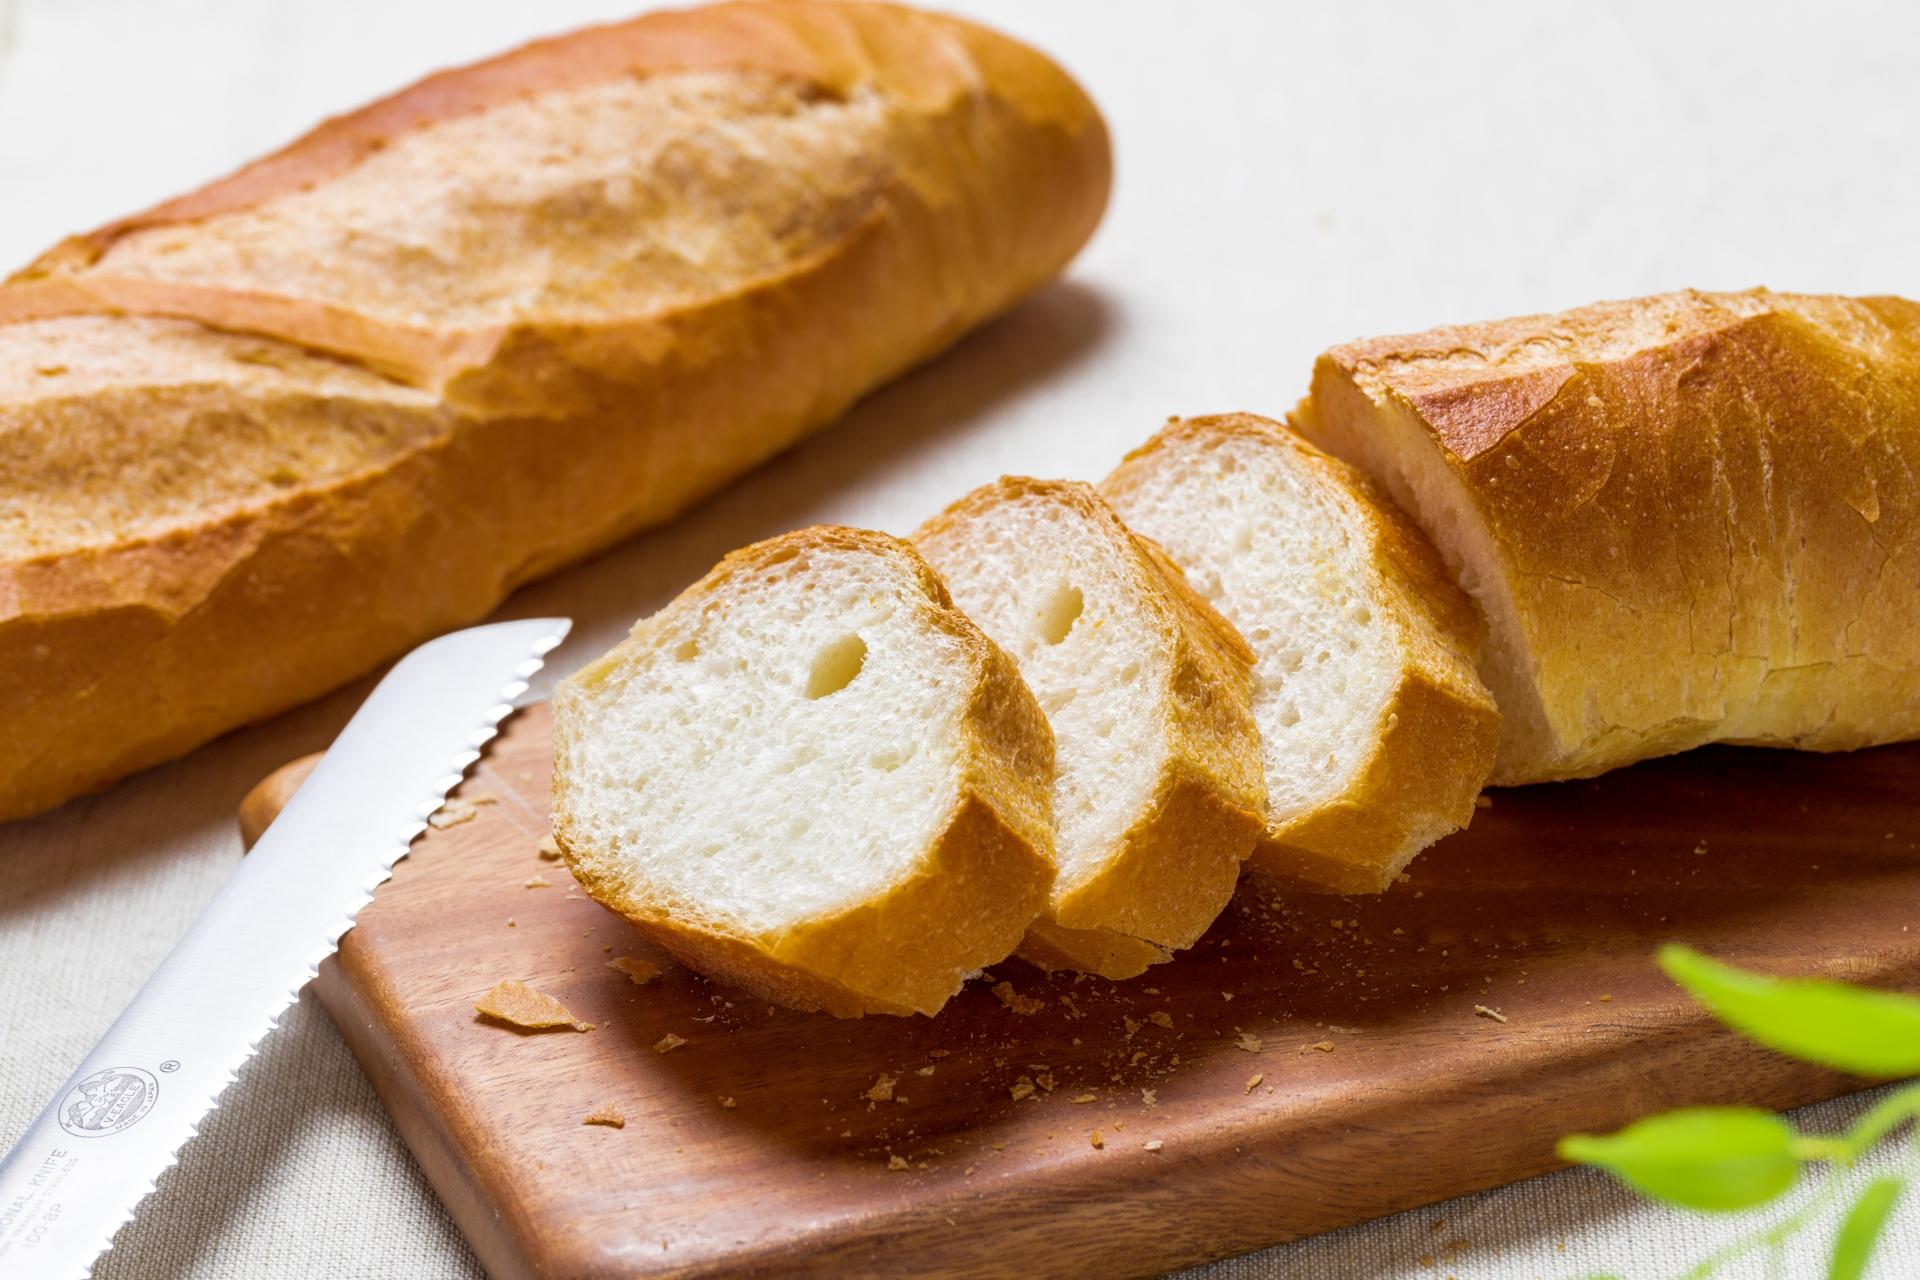 宗像堂は天然酵母パンが美味しい沖縄の人気店!食パンやバゲットも絶品!